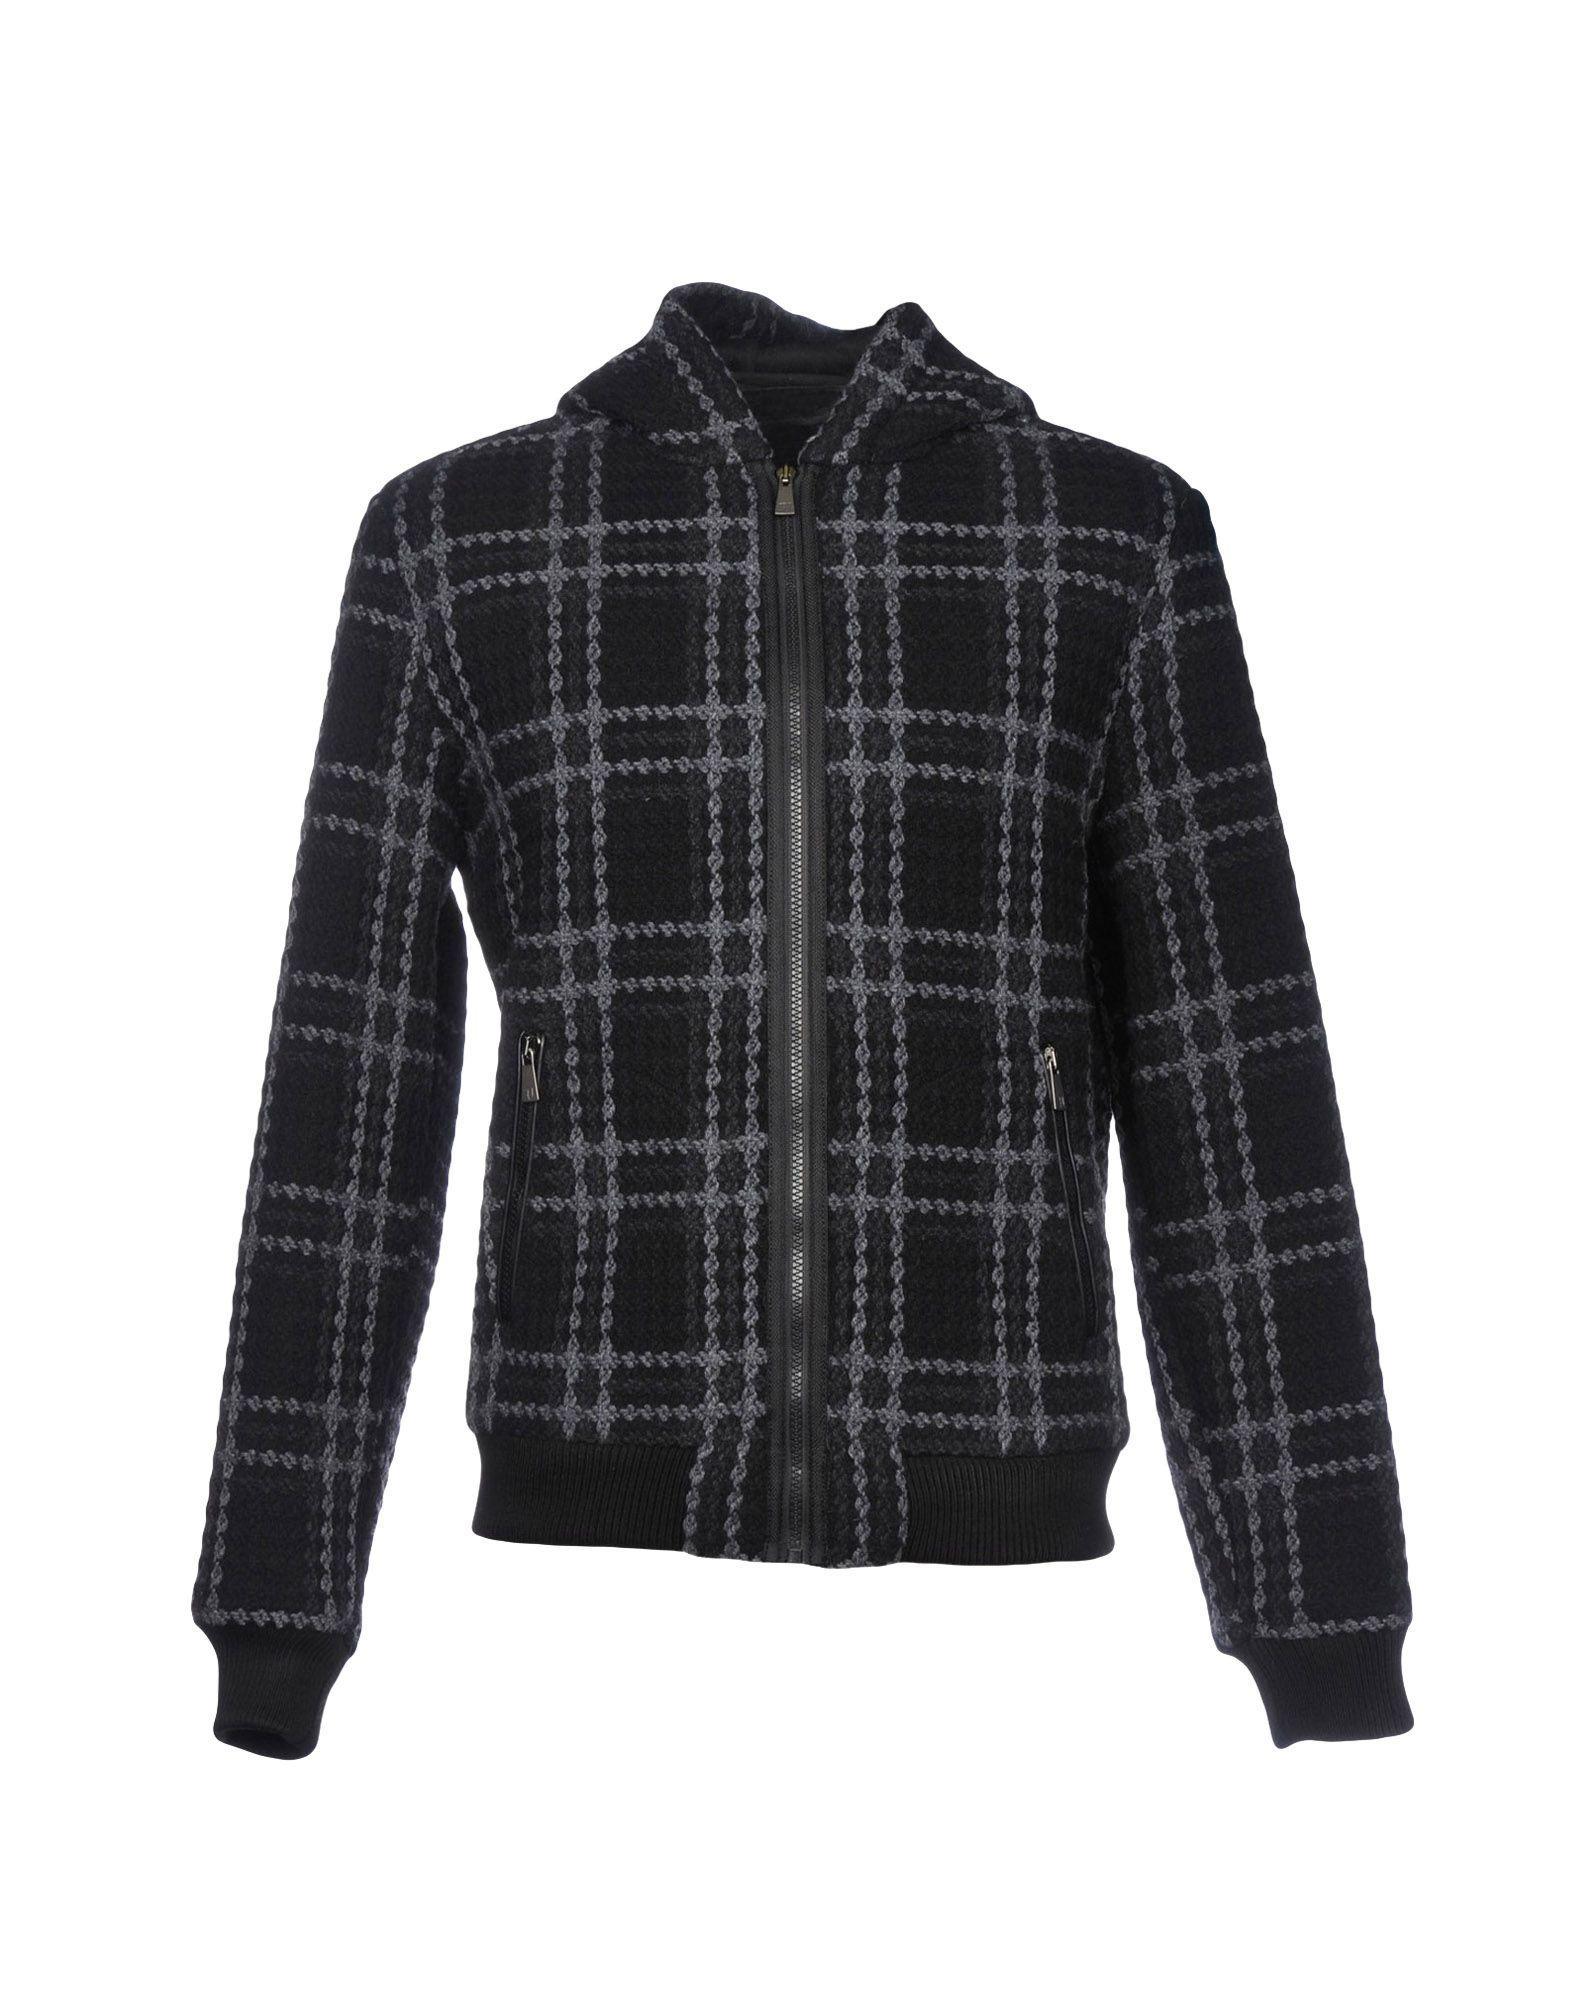 Trussardi Jeans Jackets In Black